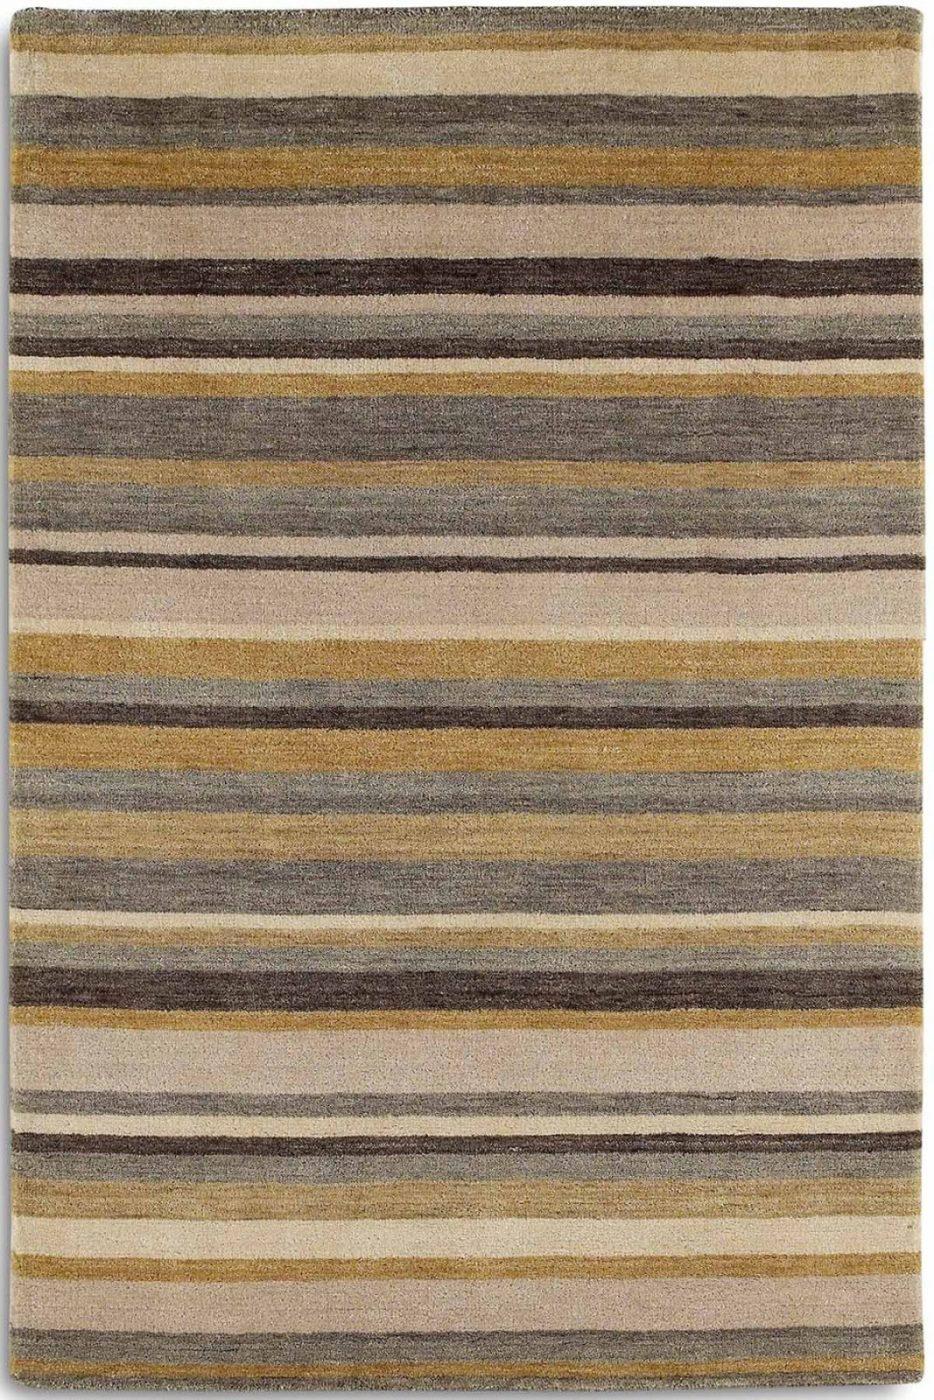 Regatta REG02 | Plantation Rug Company | Best at Flooring